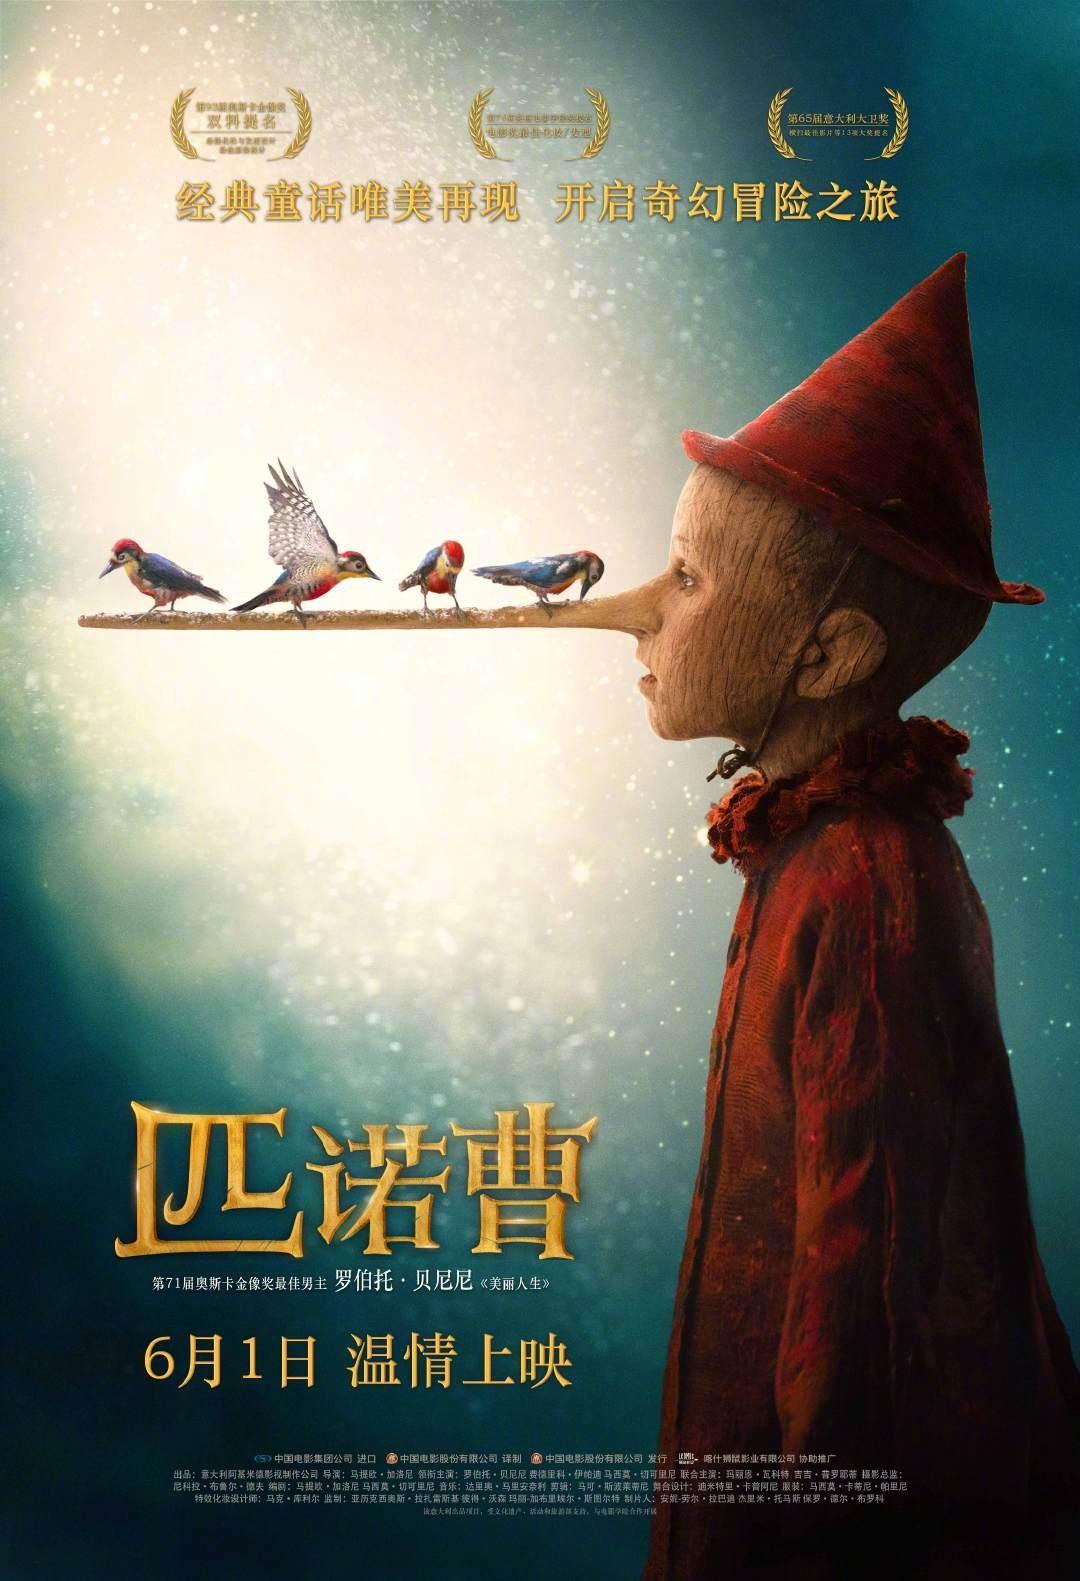 奇幻电影《匹诺曹》百度云「1080P已更新」无删减百度云网盘资源分享